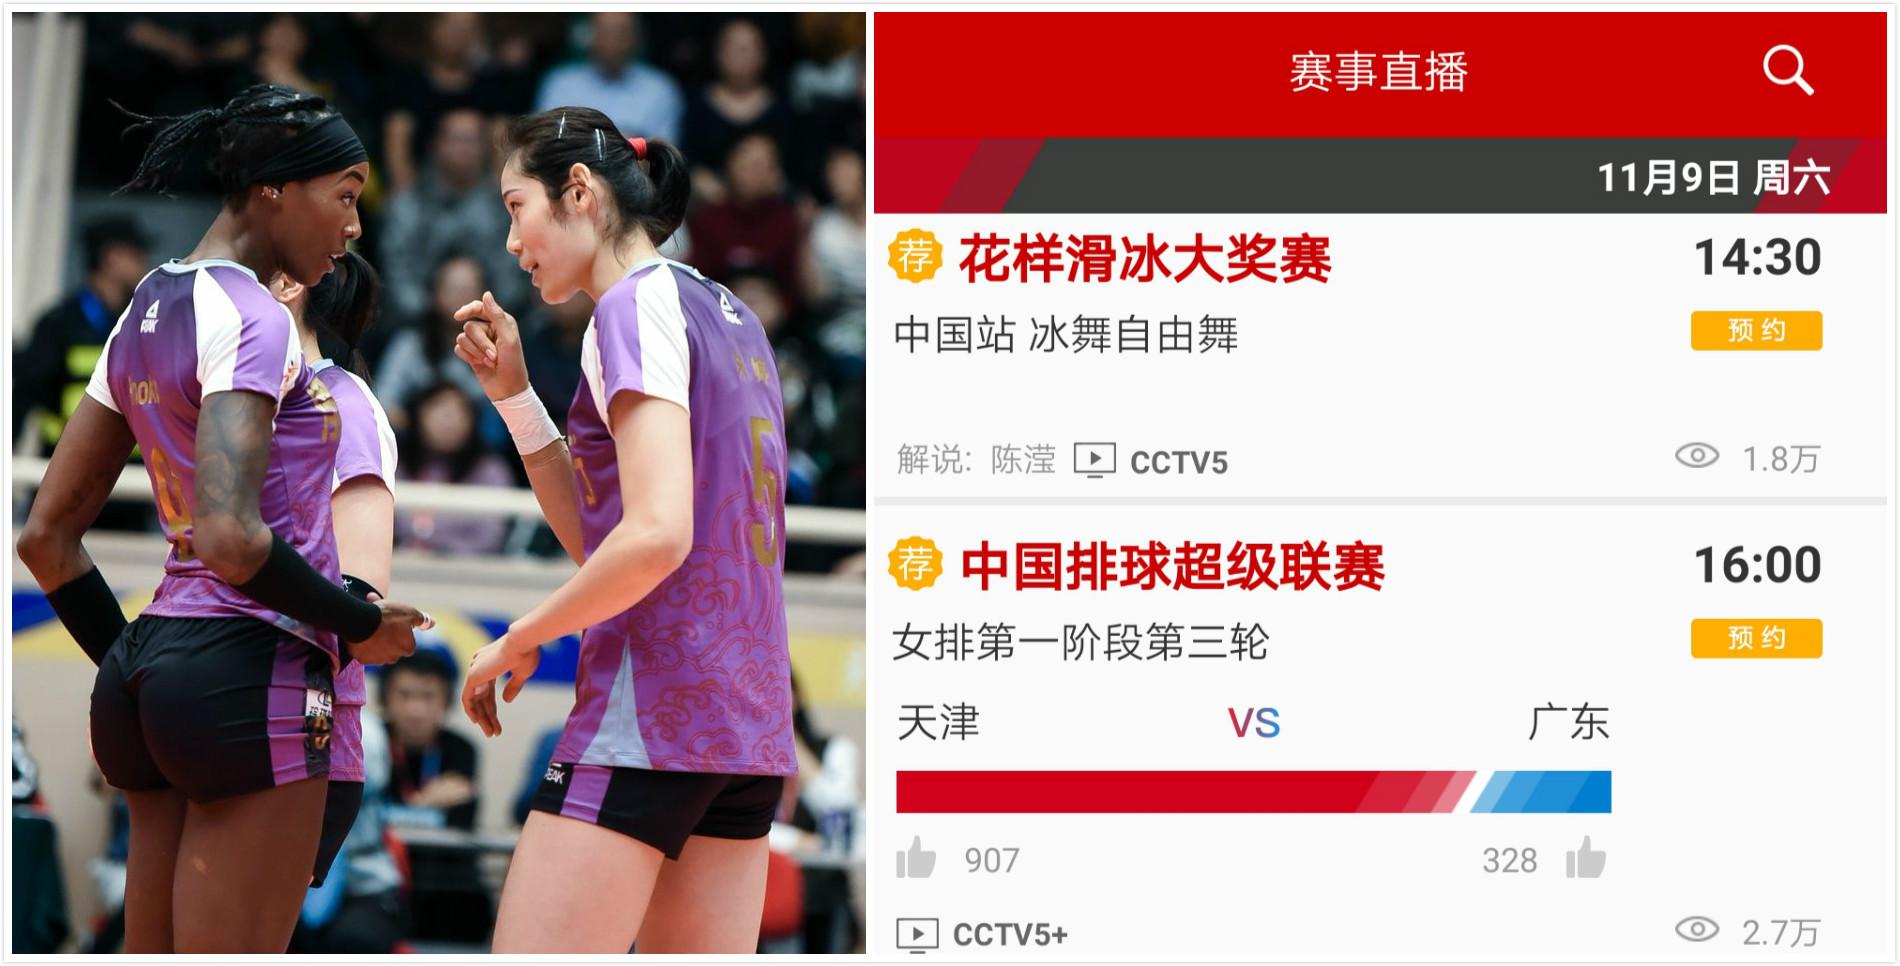 央视CCTV5+直播女排联赛 天津主场战恒大 朱婷李盈莹对于阵科舍多比